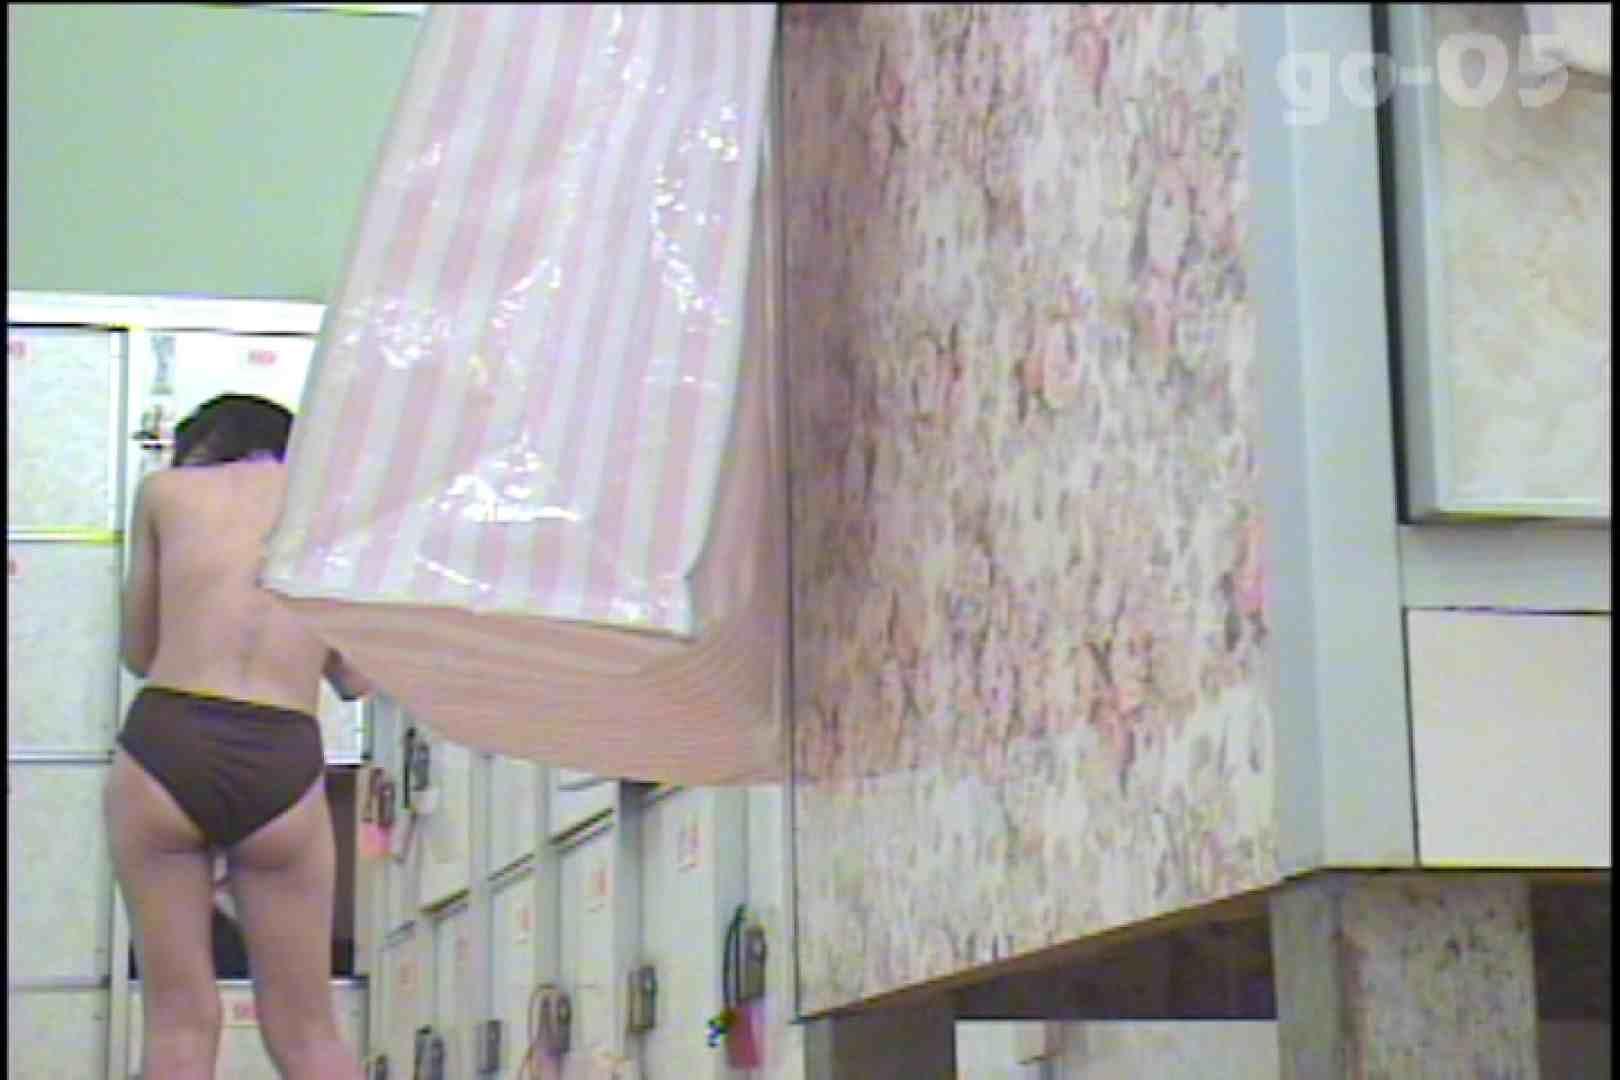 厳選 潜入女風呂 No.5 脱衣所の着替え AV無料 78画像 22